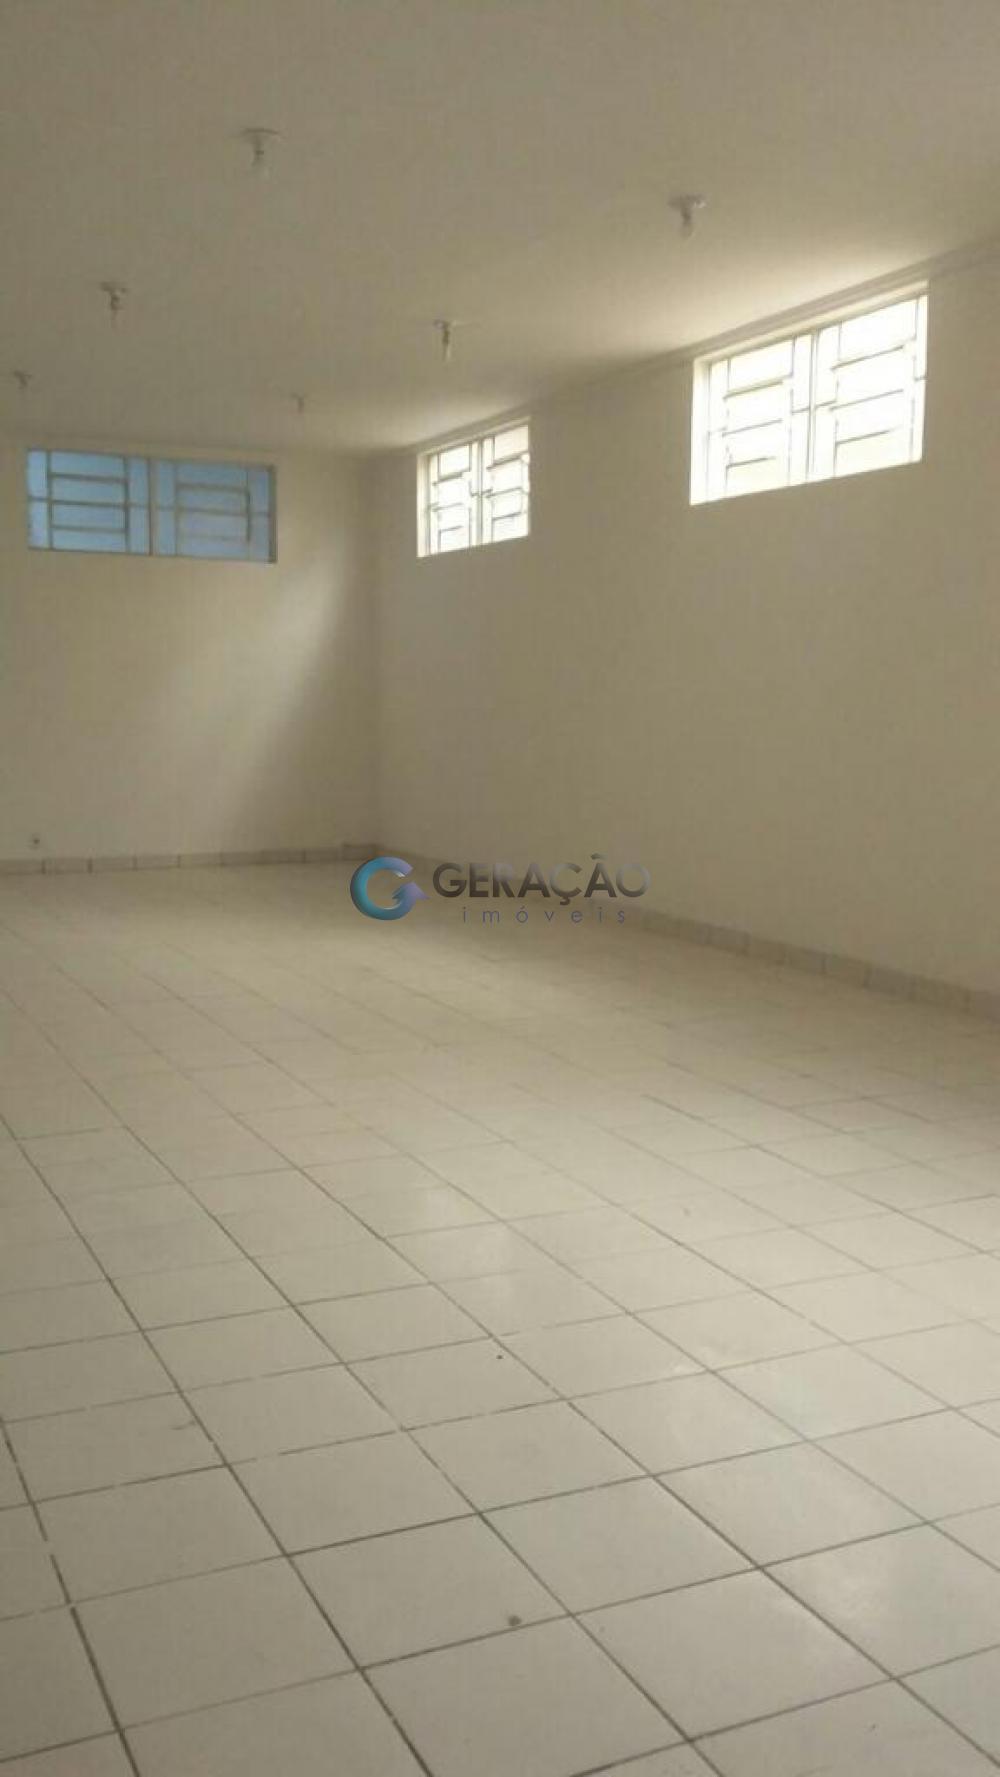 Alugar Comercial / Salão em São José dos Campos R$ 4.000,00 - Foto 2